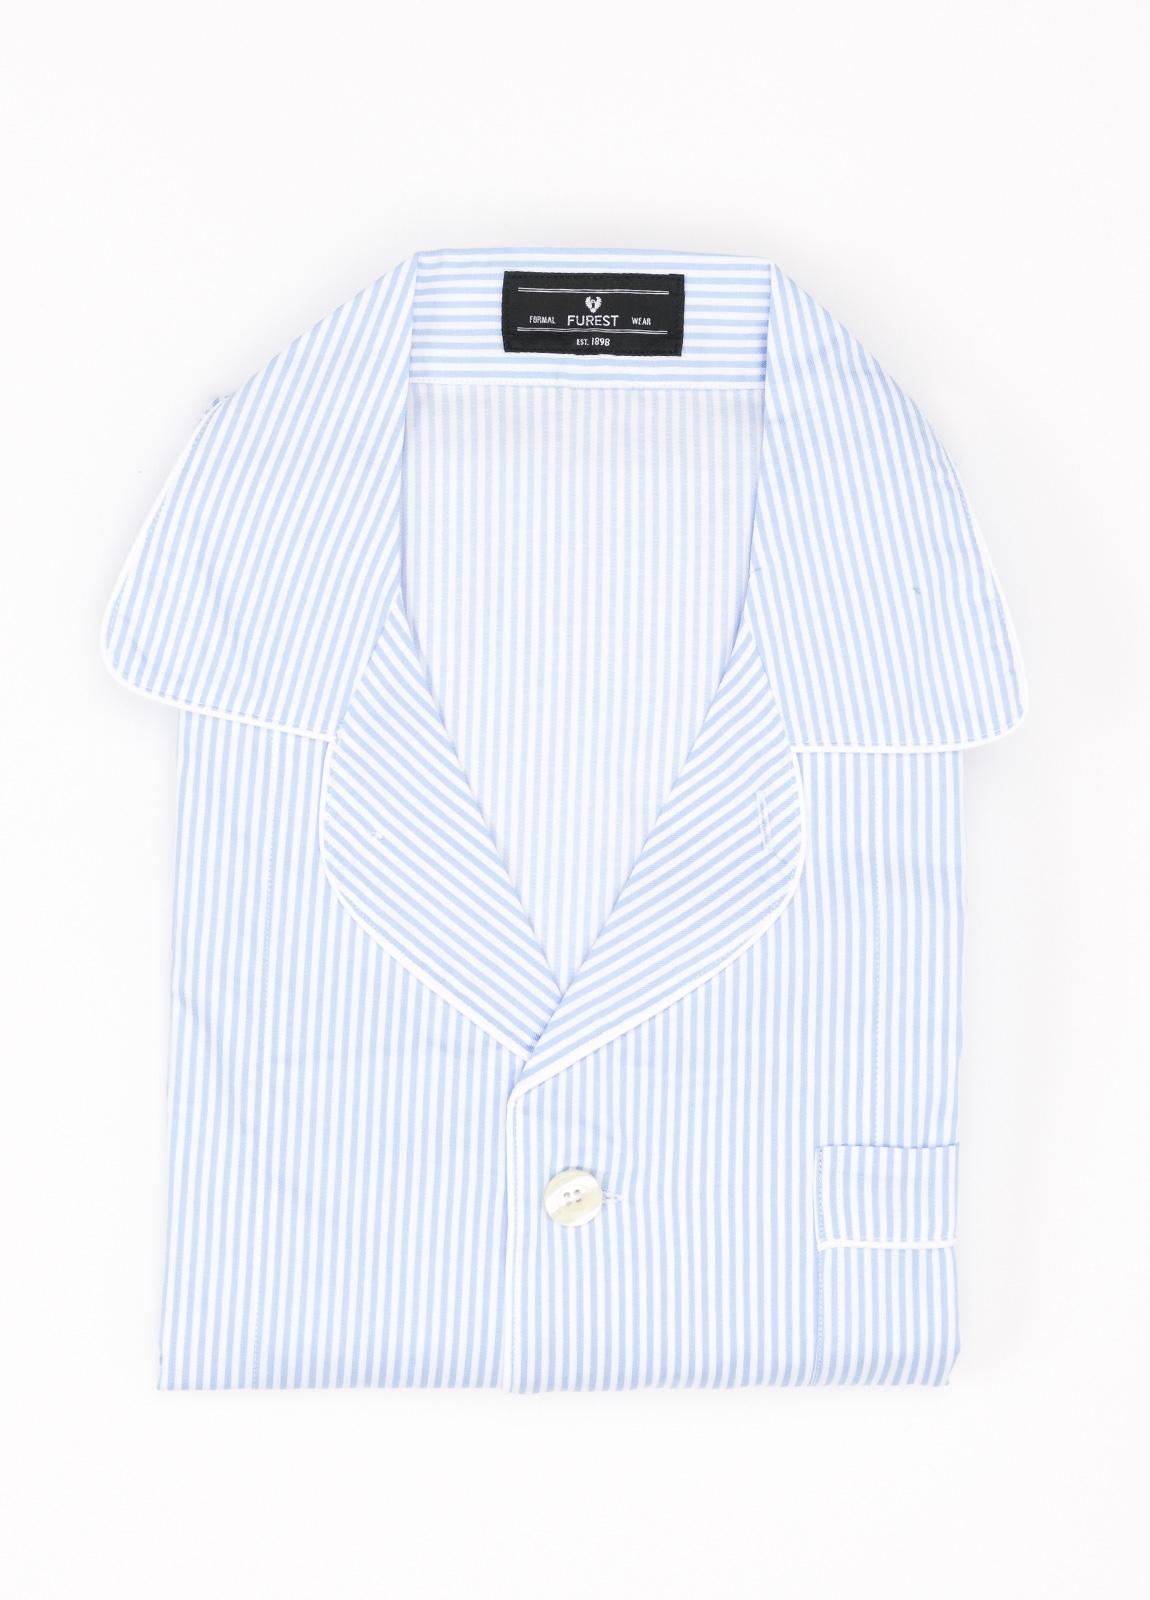 Pijama LARGO dos piezas, pantalón largo con cinta no elástica y funda incluida color celeste con estampado de rayas. 100% Algodón.